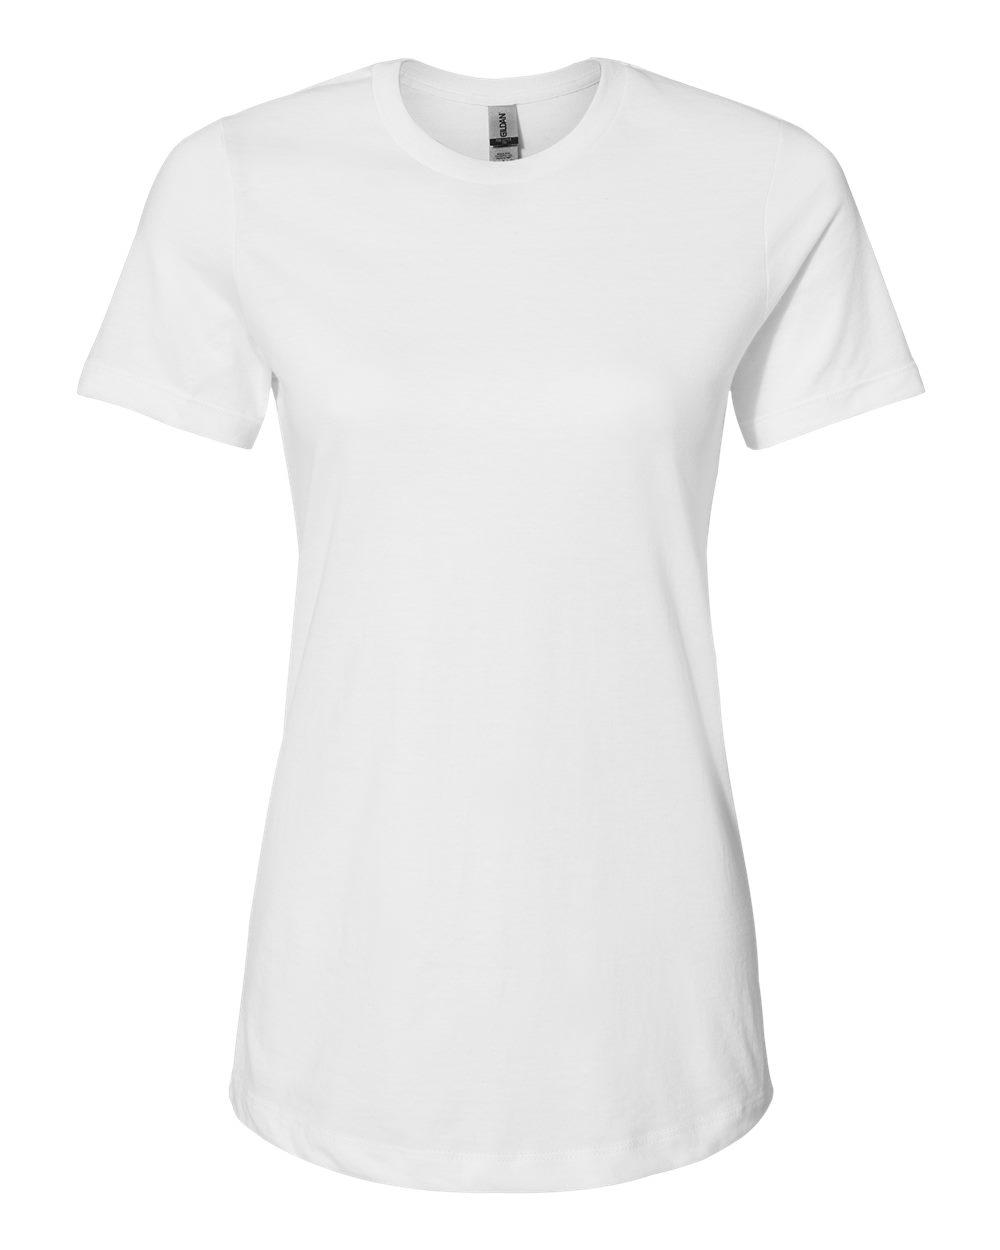 Gildan 67000L - Softstyle Women's CVC T-Shirt